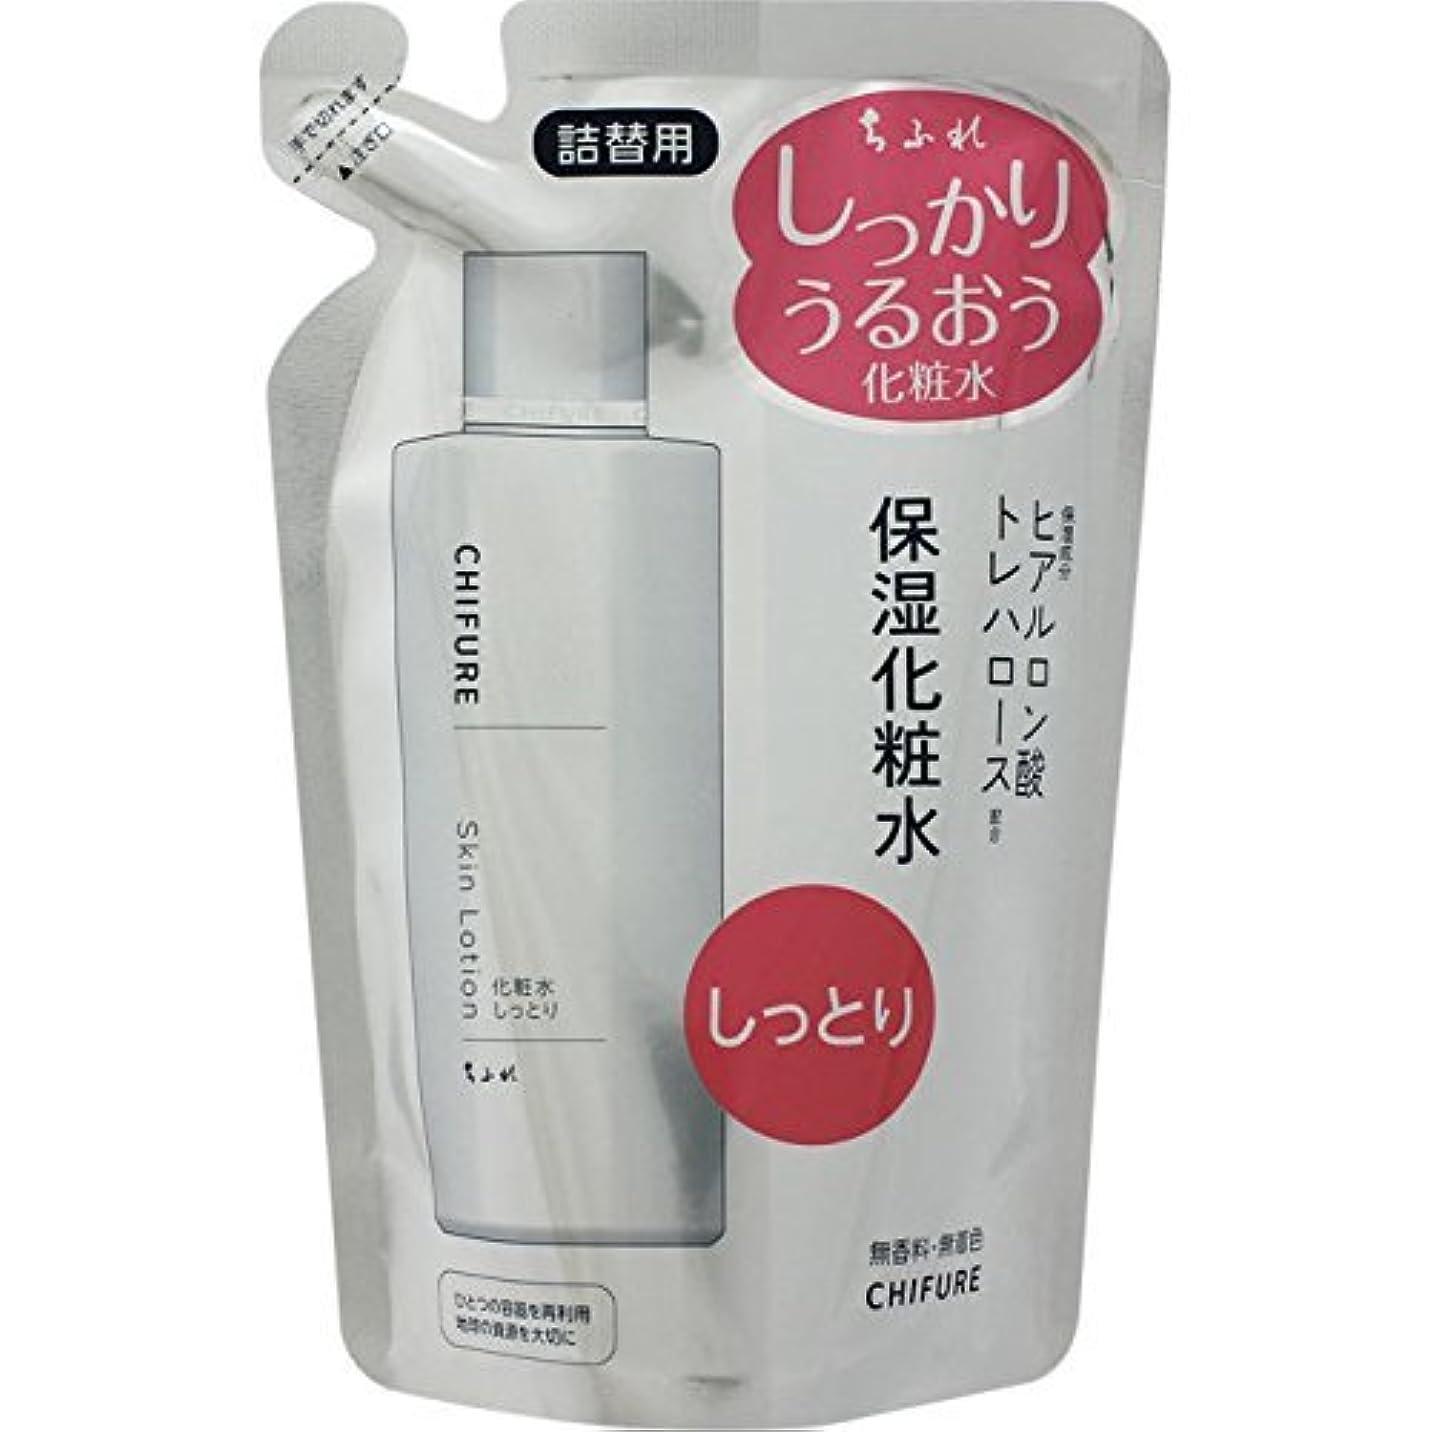 核定刻ジムちふれ化粧品 化粧水 しっとりタイプ N 詰替え用 150ml 150ML